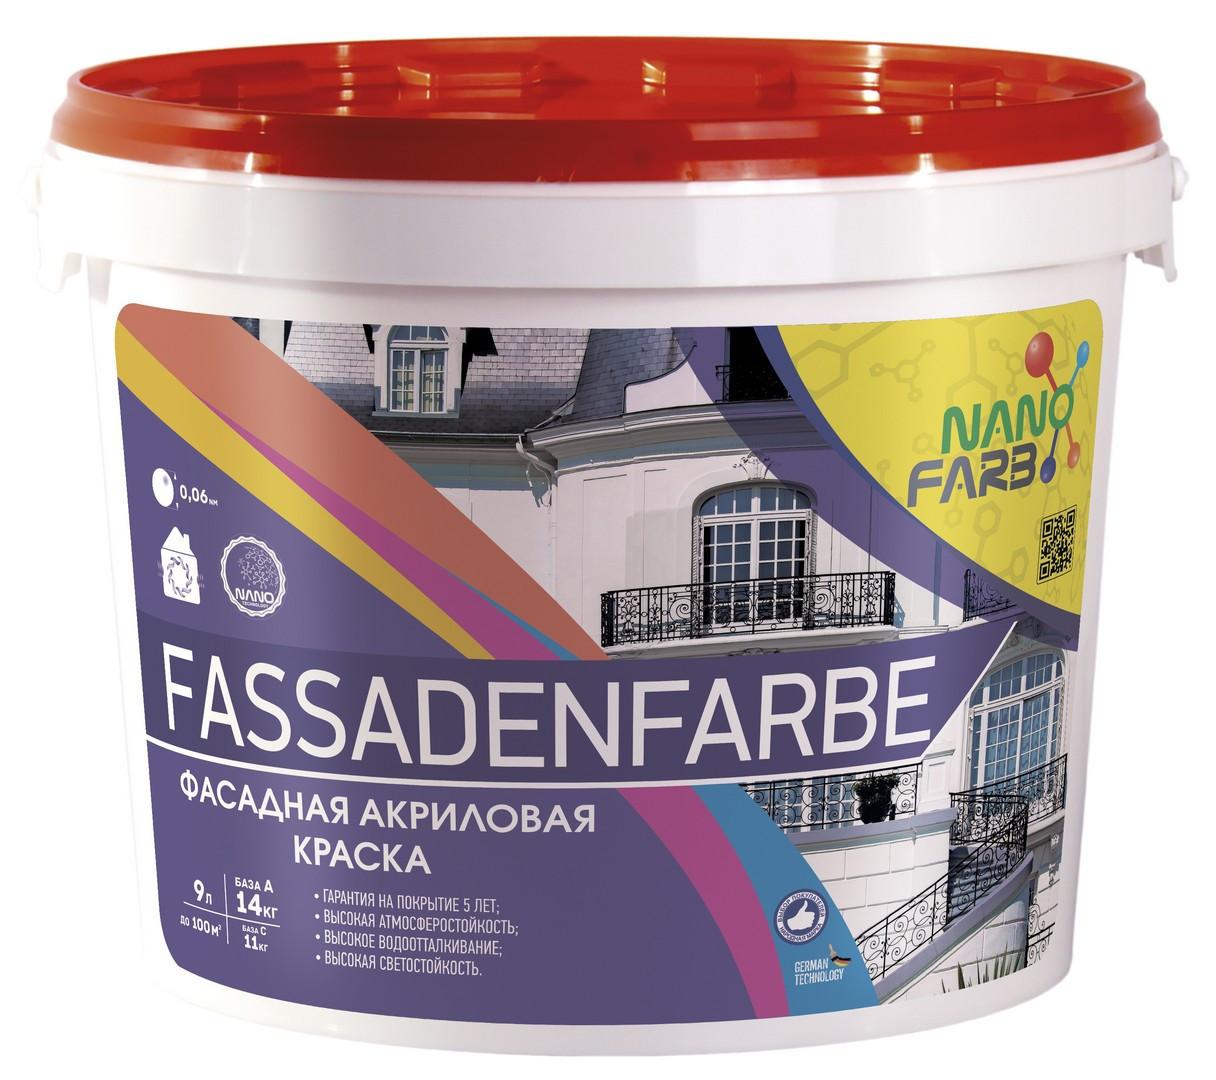 Акриловая фасадная краска Fassadenfarbe Nano farb 14 кг